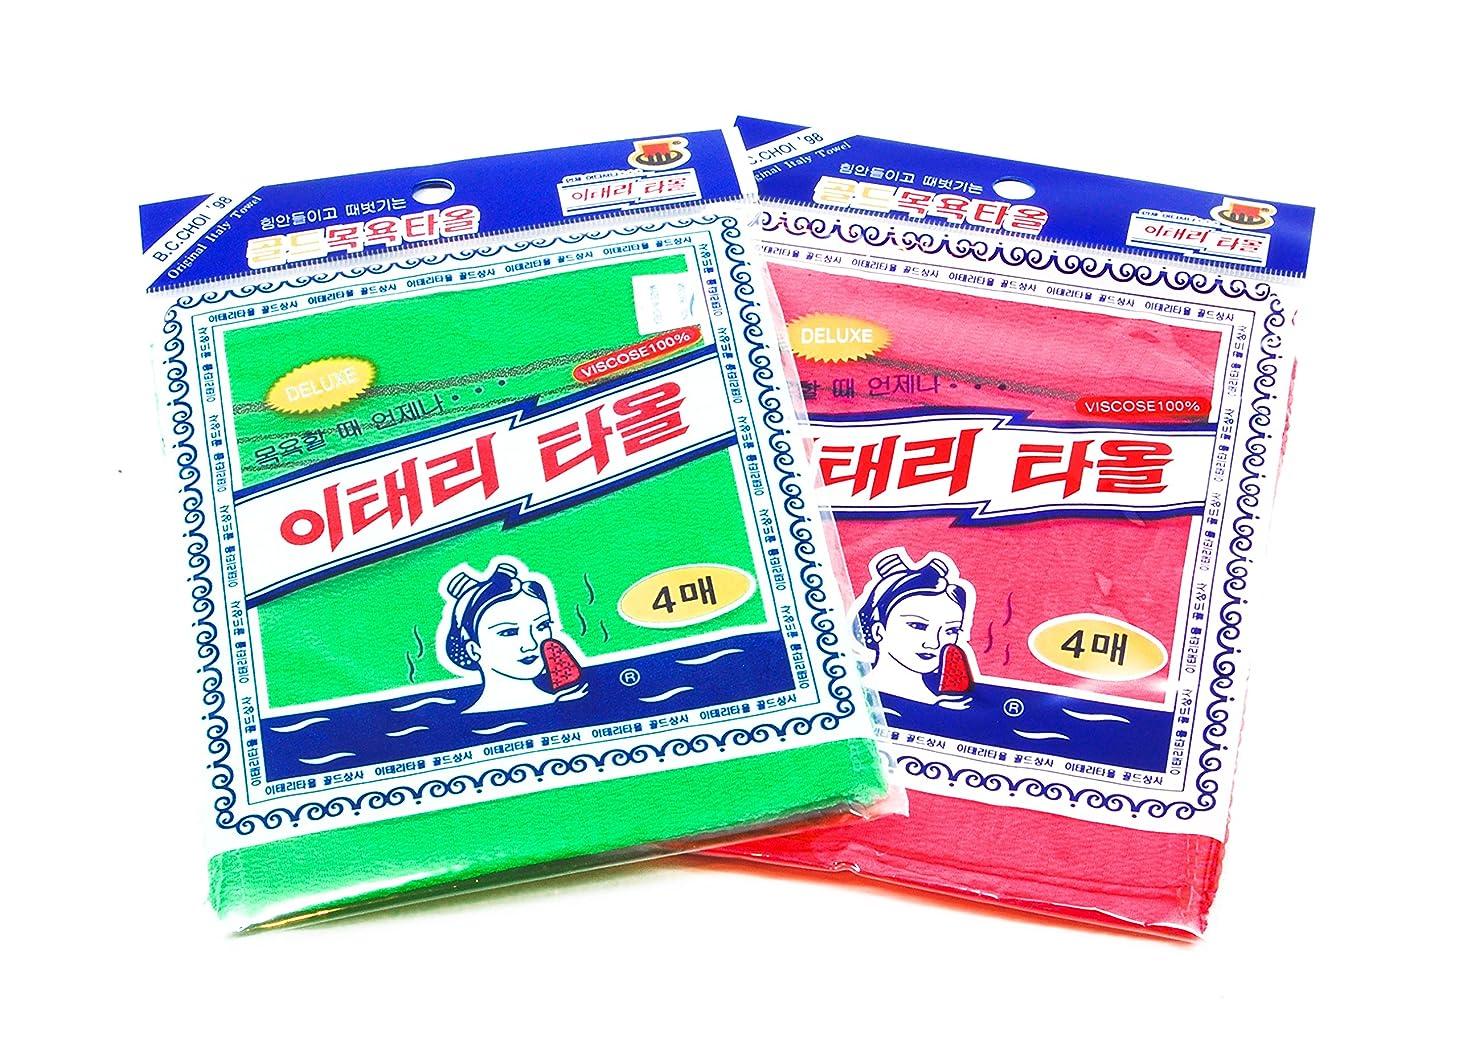 地域の信頼昆虫アカスリタオル (韓国式あかすりタオル) 8枚セット